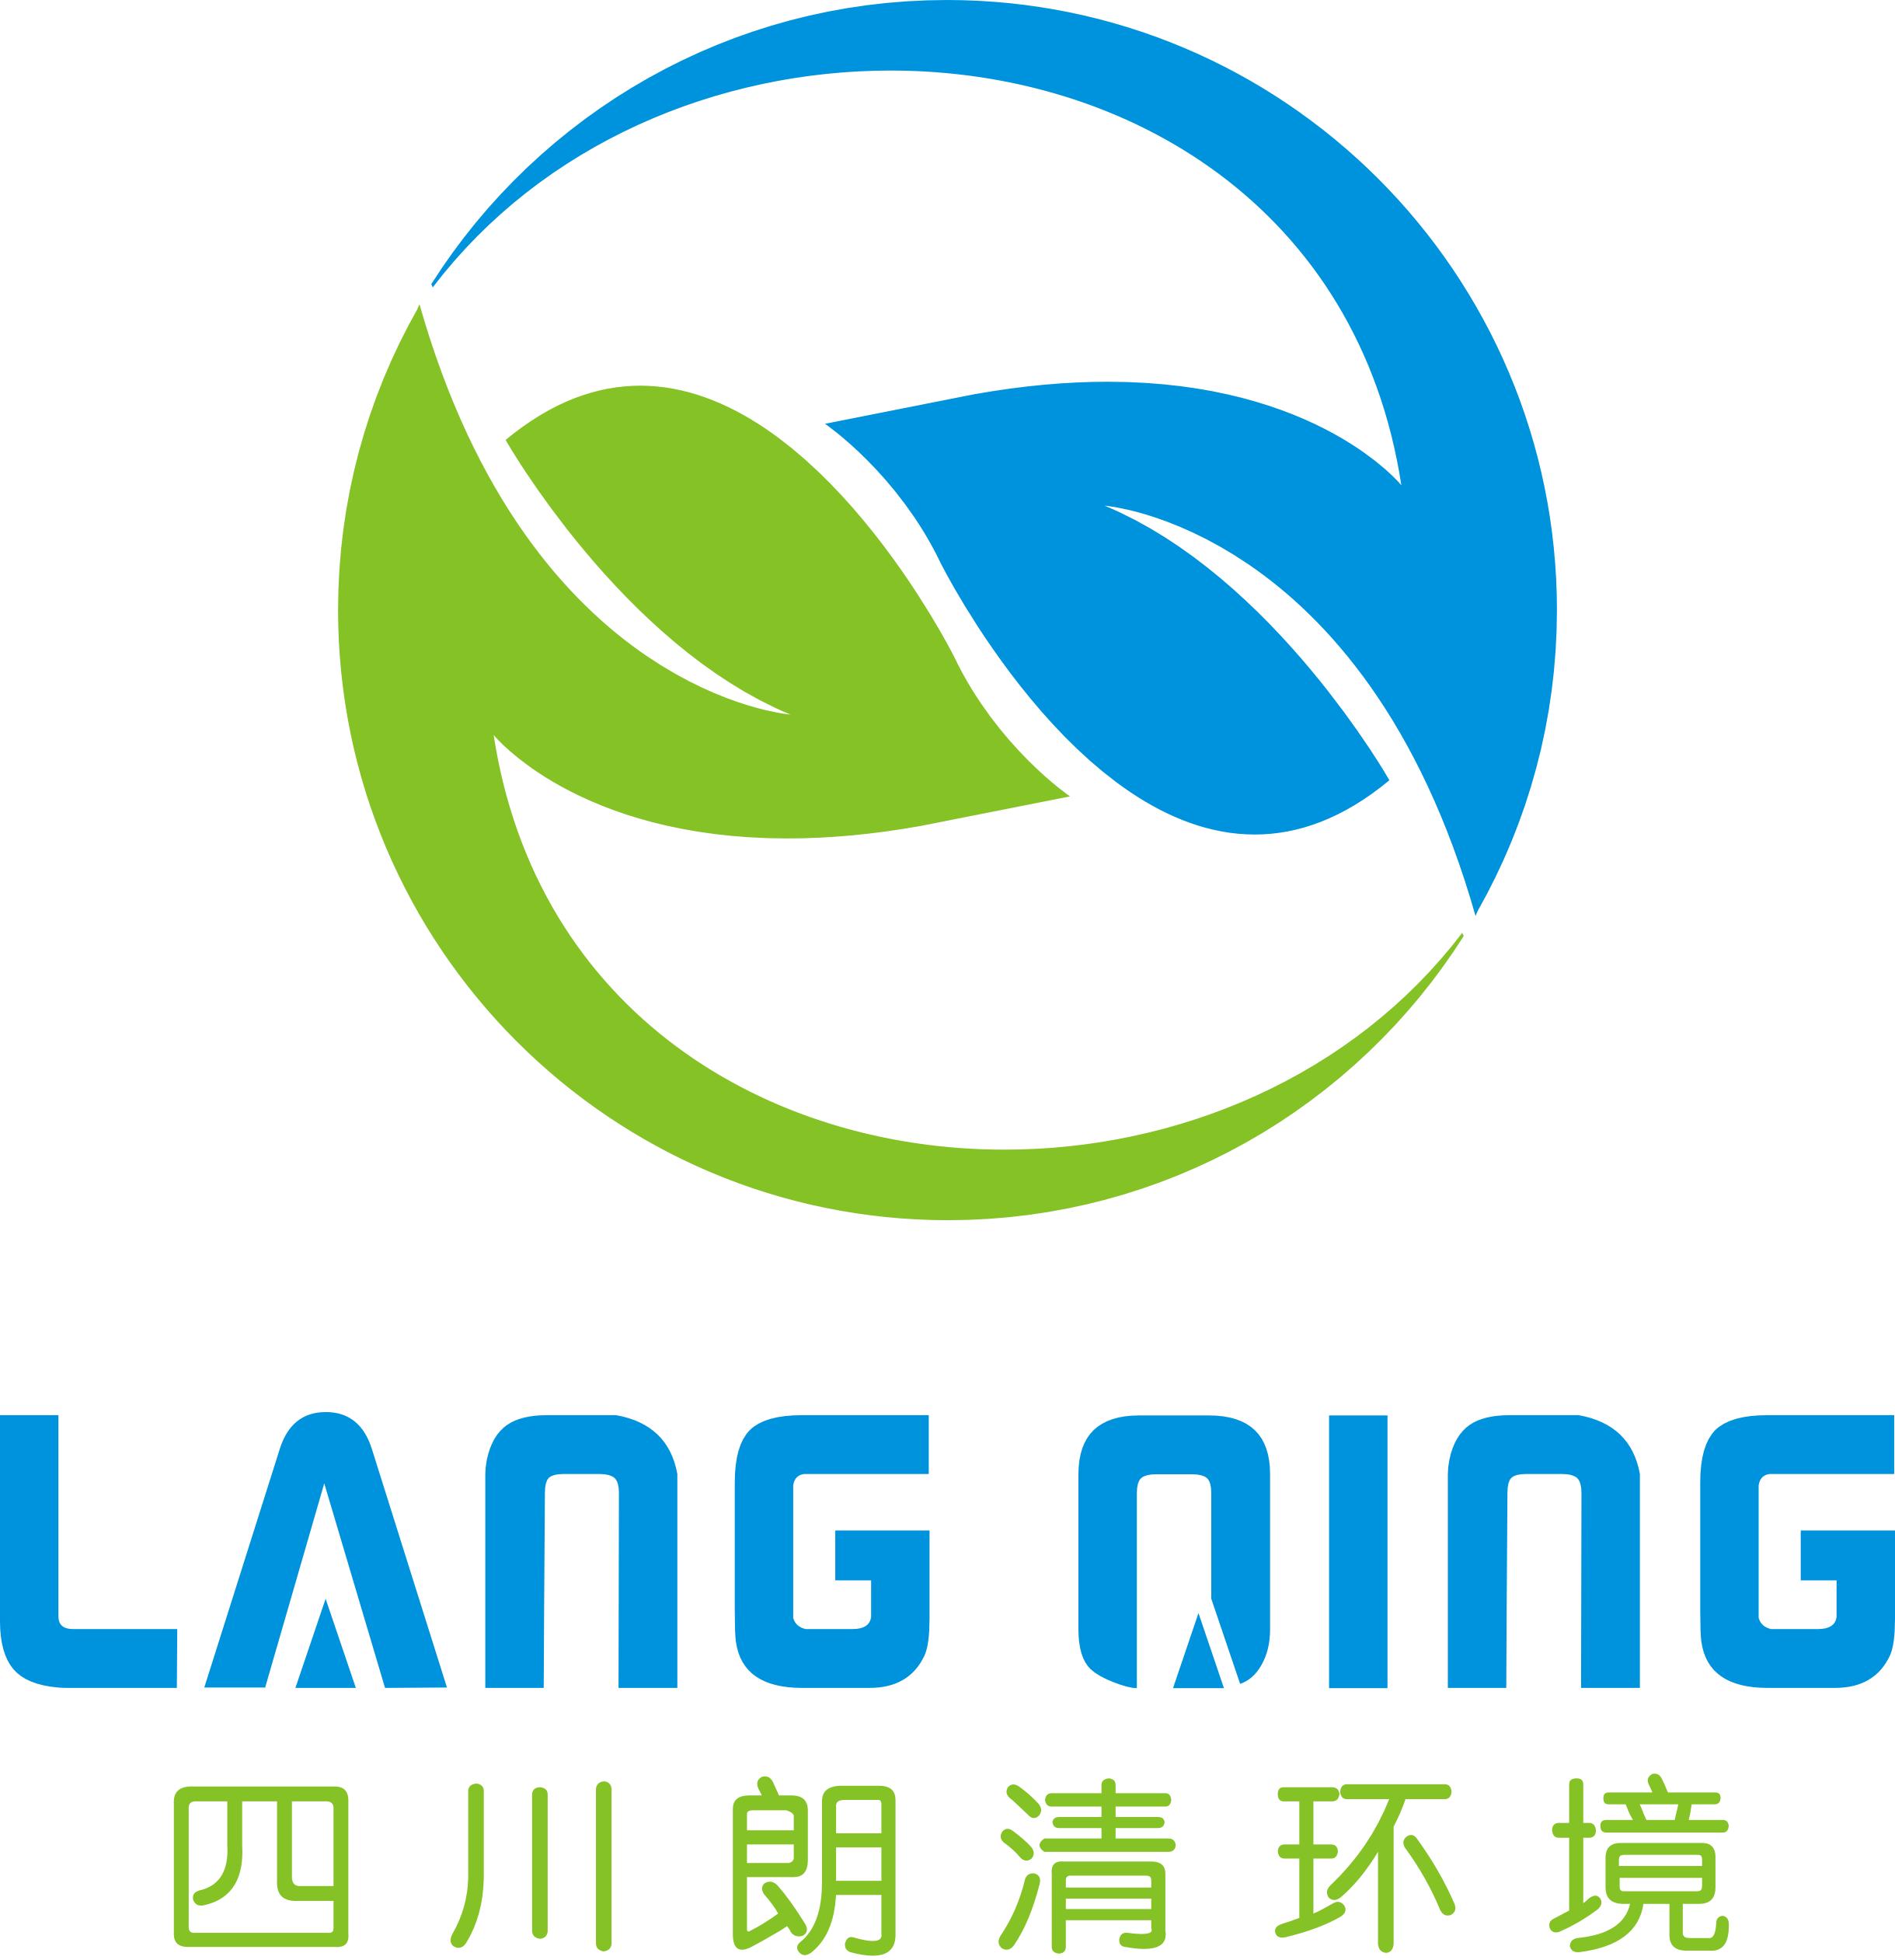 四川朗清環境技術有限公司